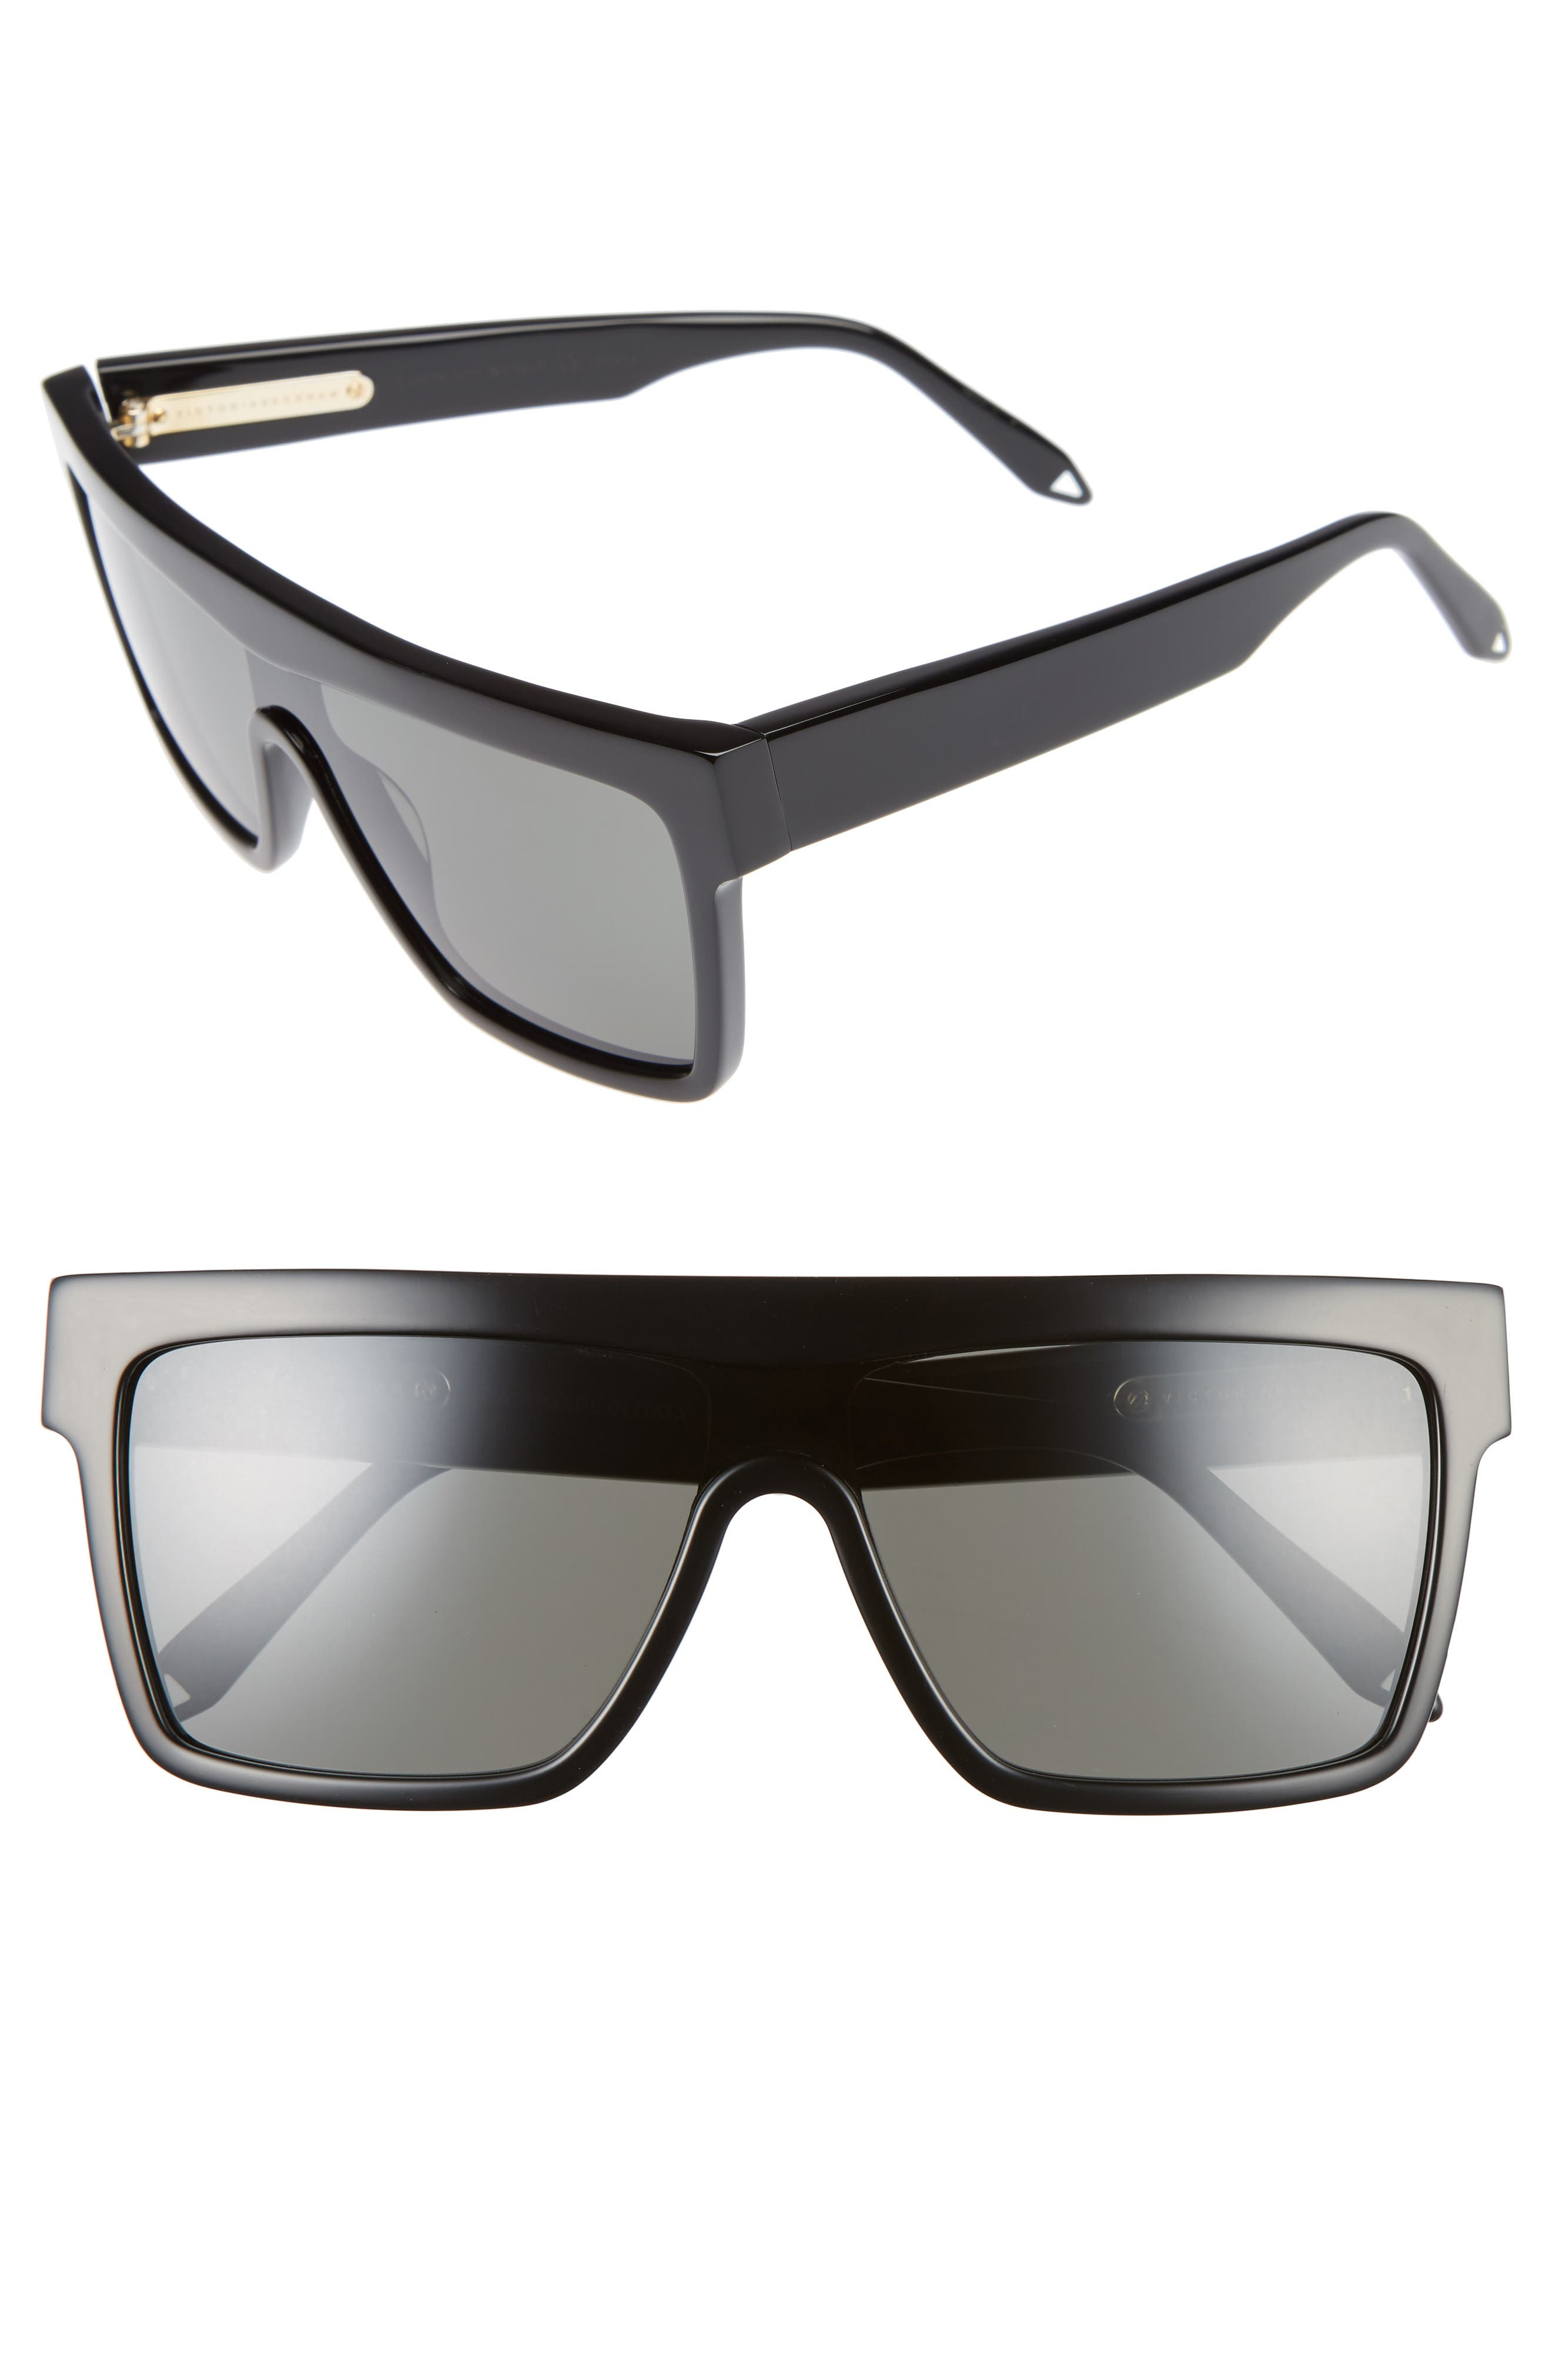 VICTORIA BECKHAM, 57mm Flat Top Sunglasses, Main thumbnail 1, color, 001